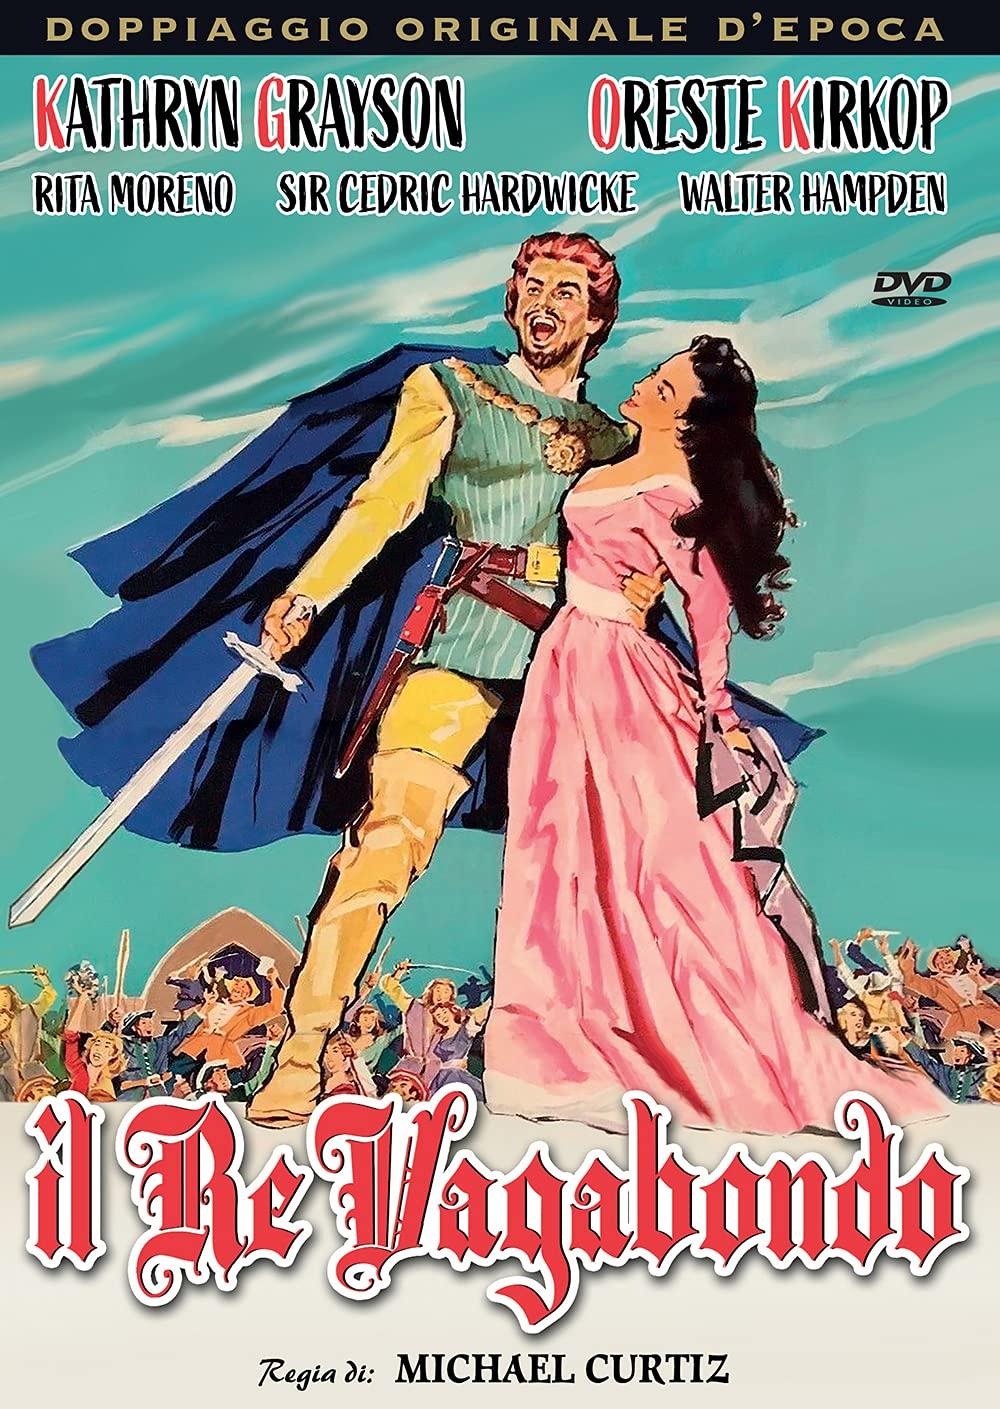 IL RE VAGABONDO (DVD)